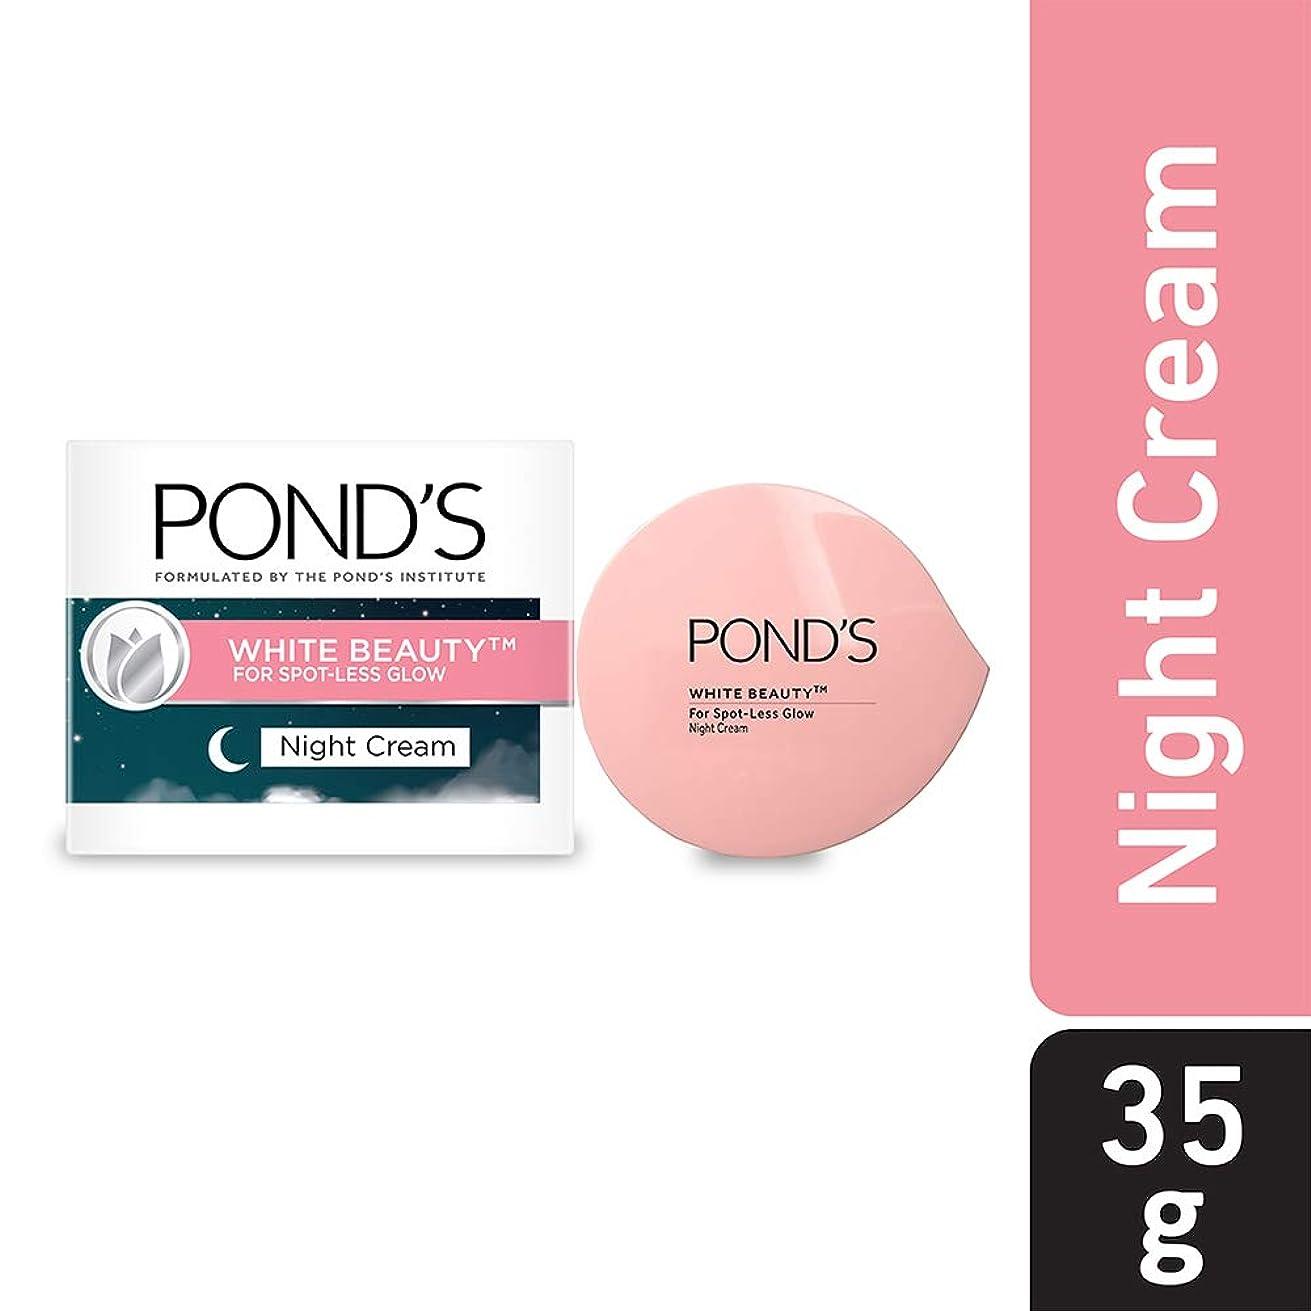 言い換えるとリスク強度POND'S White Beauty Night Cream, 35 g - India (並行インポート)